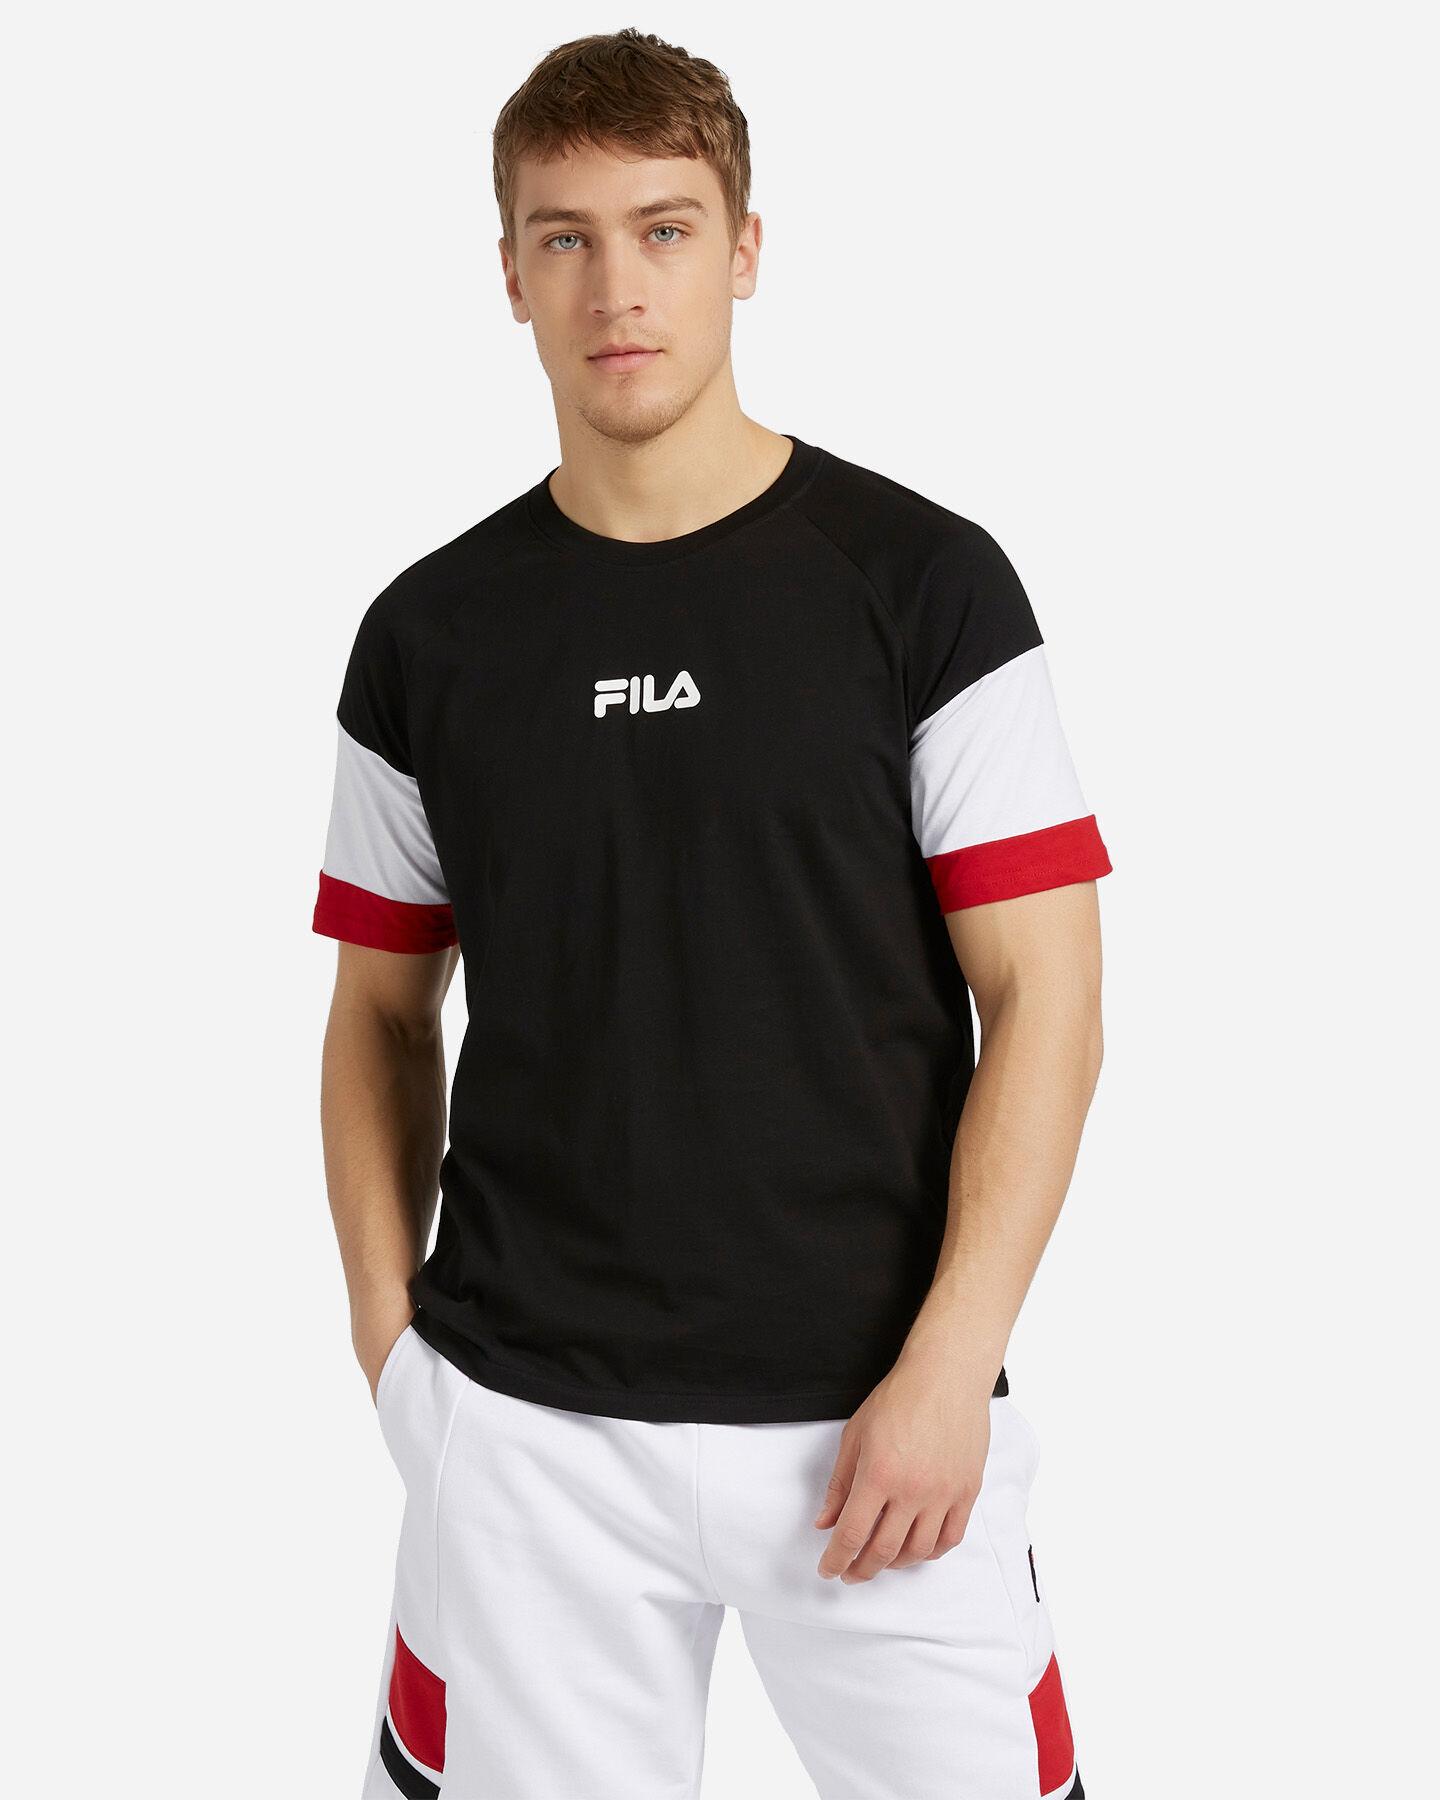 T-Shirt FILA NEW COLOR BLOCK M S4088467 scatto 0